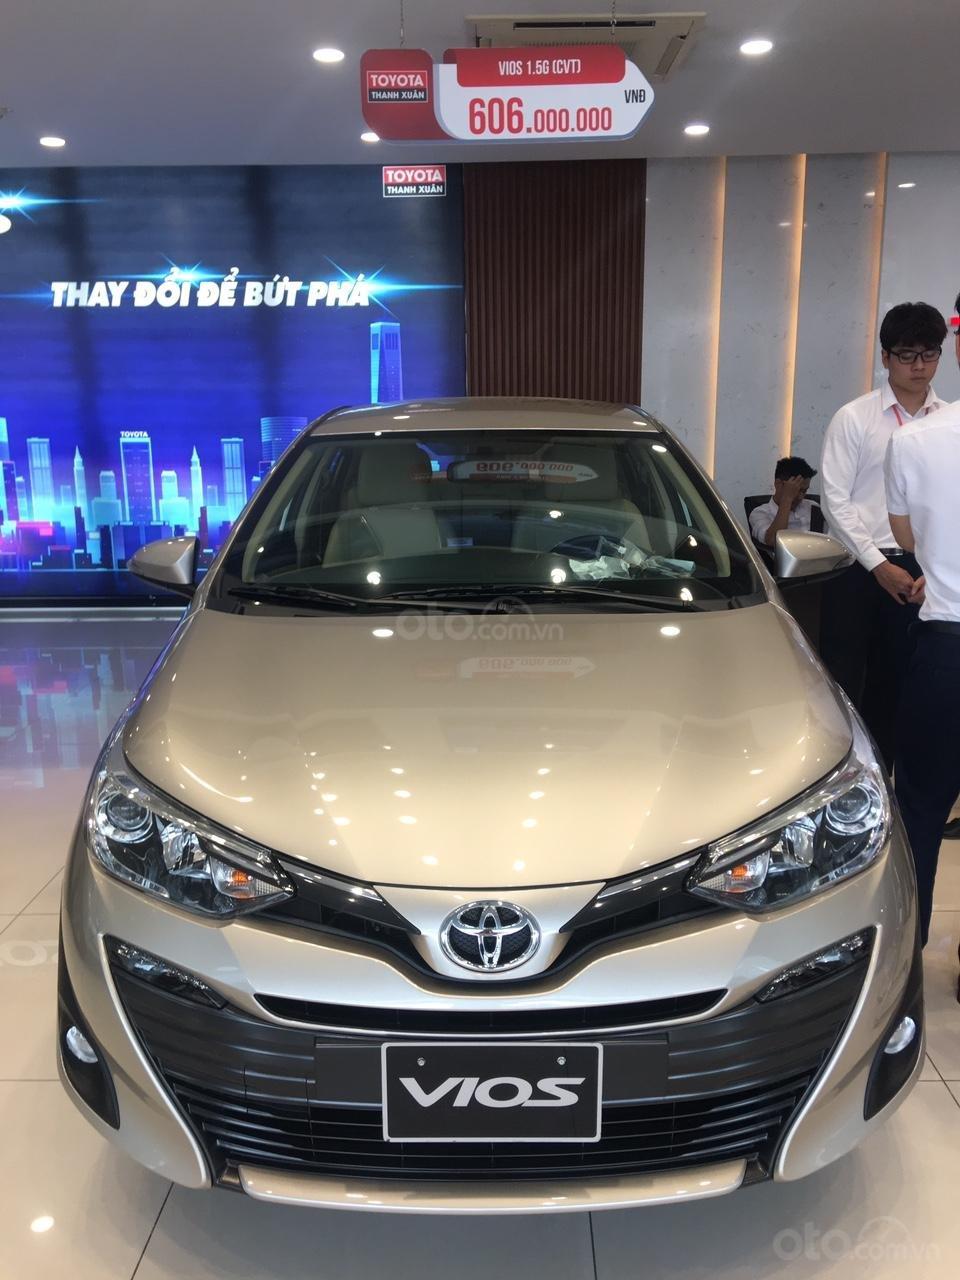 Toyota Vios E giá 497 triệu đồng tặng DVD, camera lùi, dán kính trải sàn liên hệ 093 6200062-0